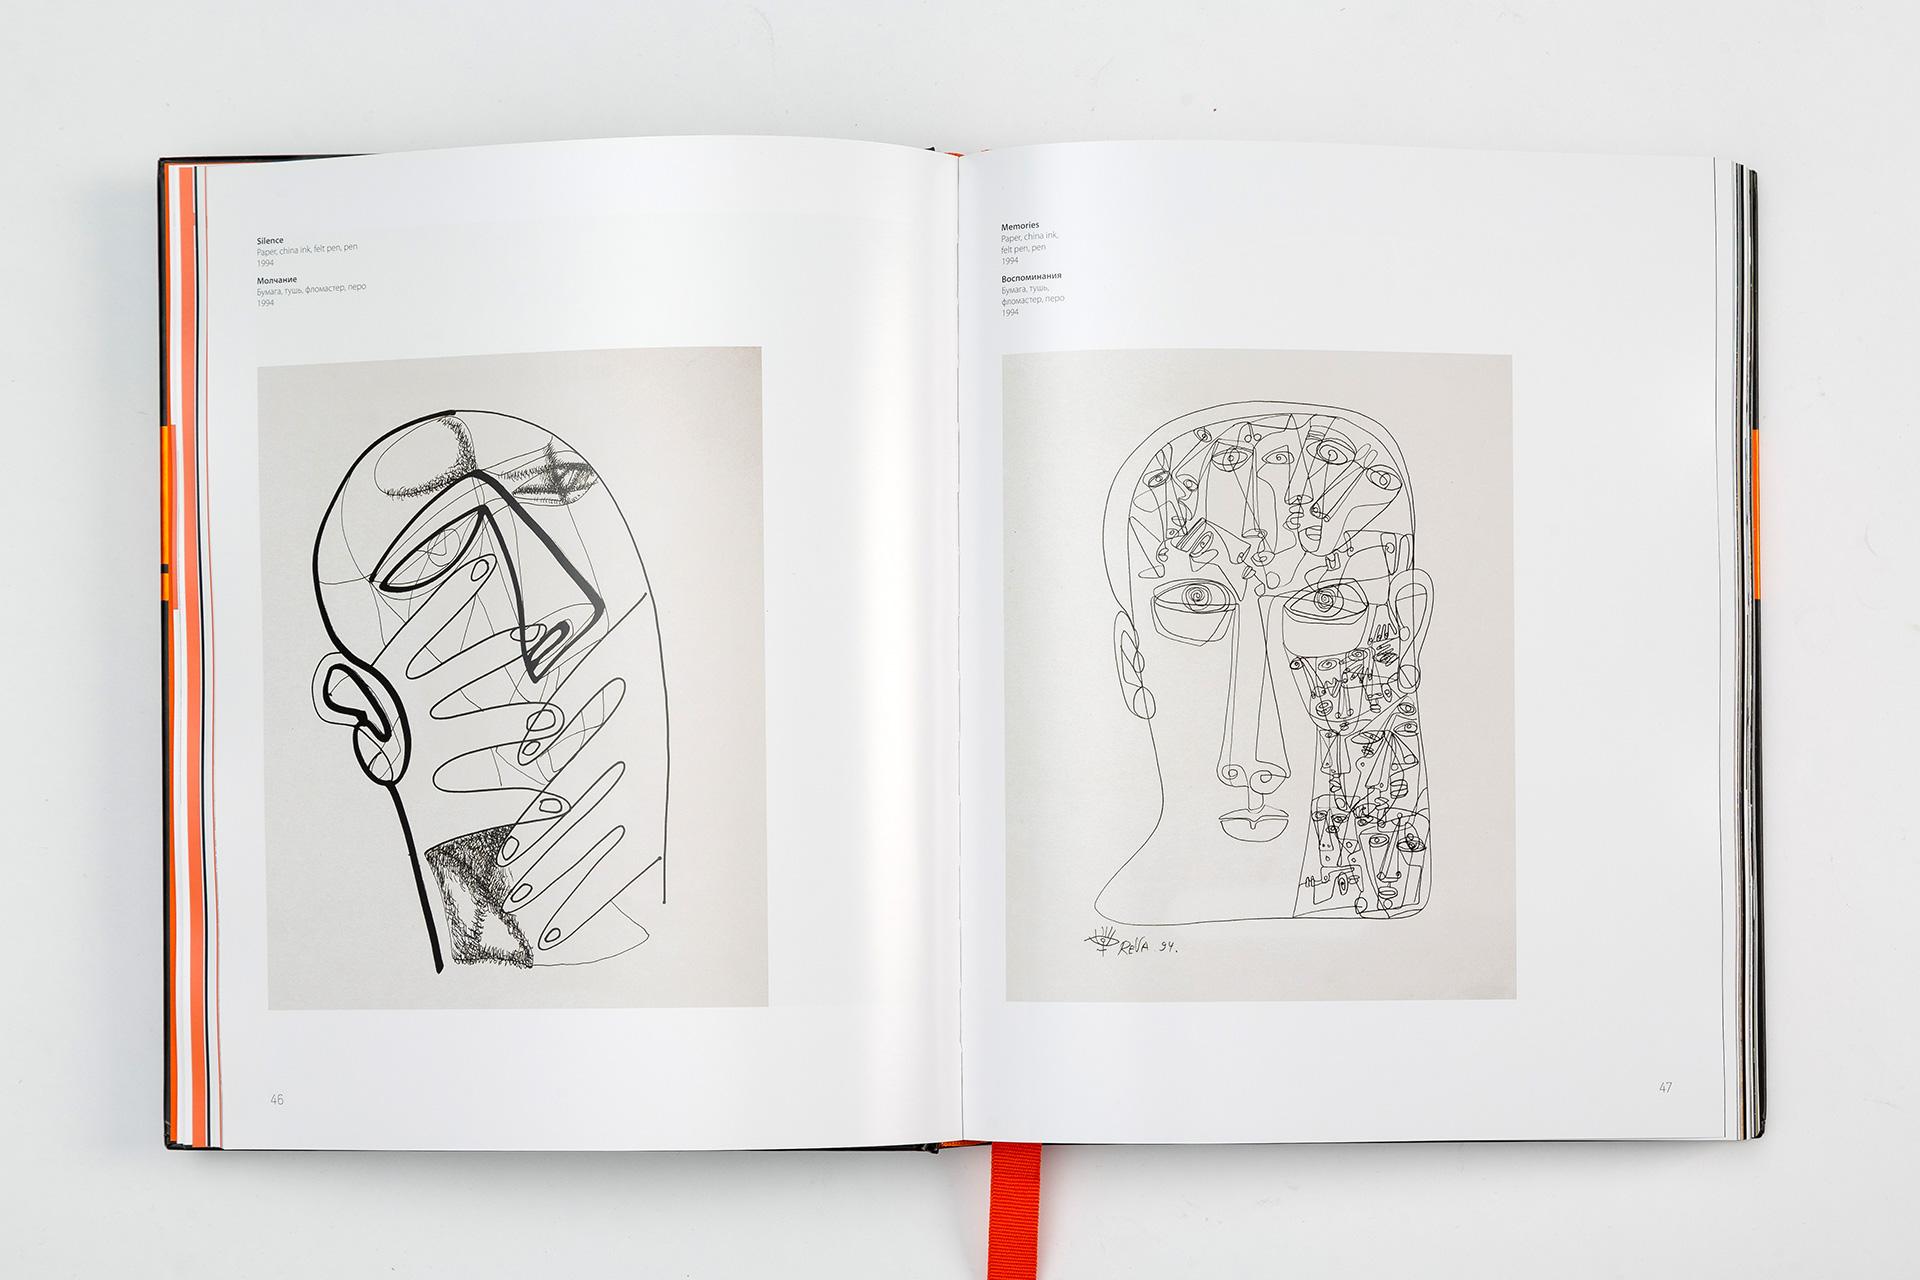 Asgard Branding, юбилейный альбом, сетка разворота альбома, печатные издания, дизайн книги, Михаил Рева